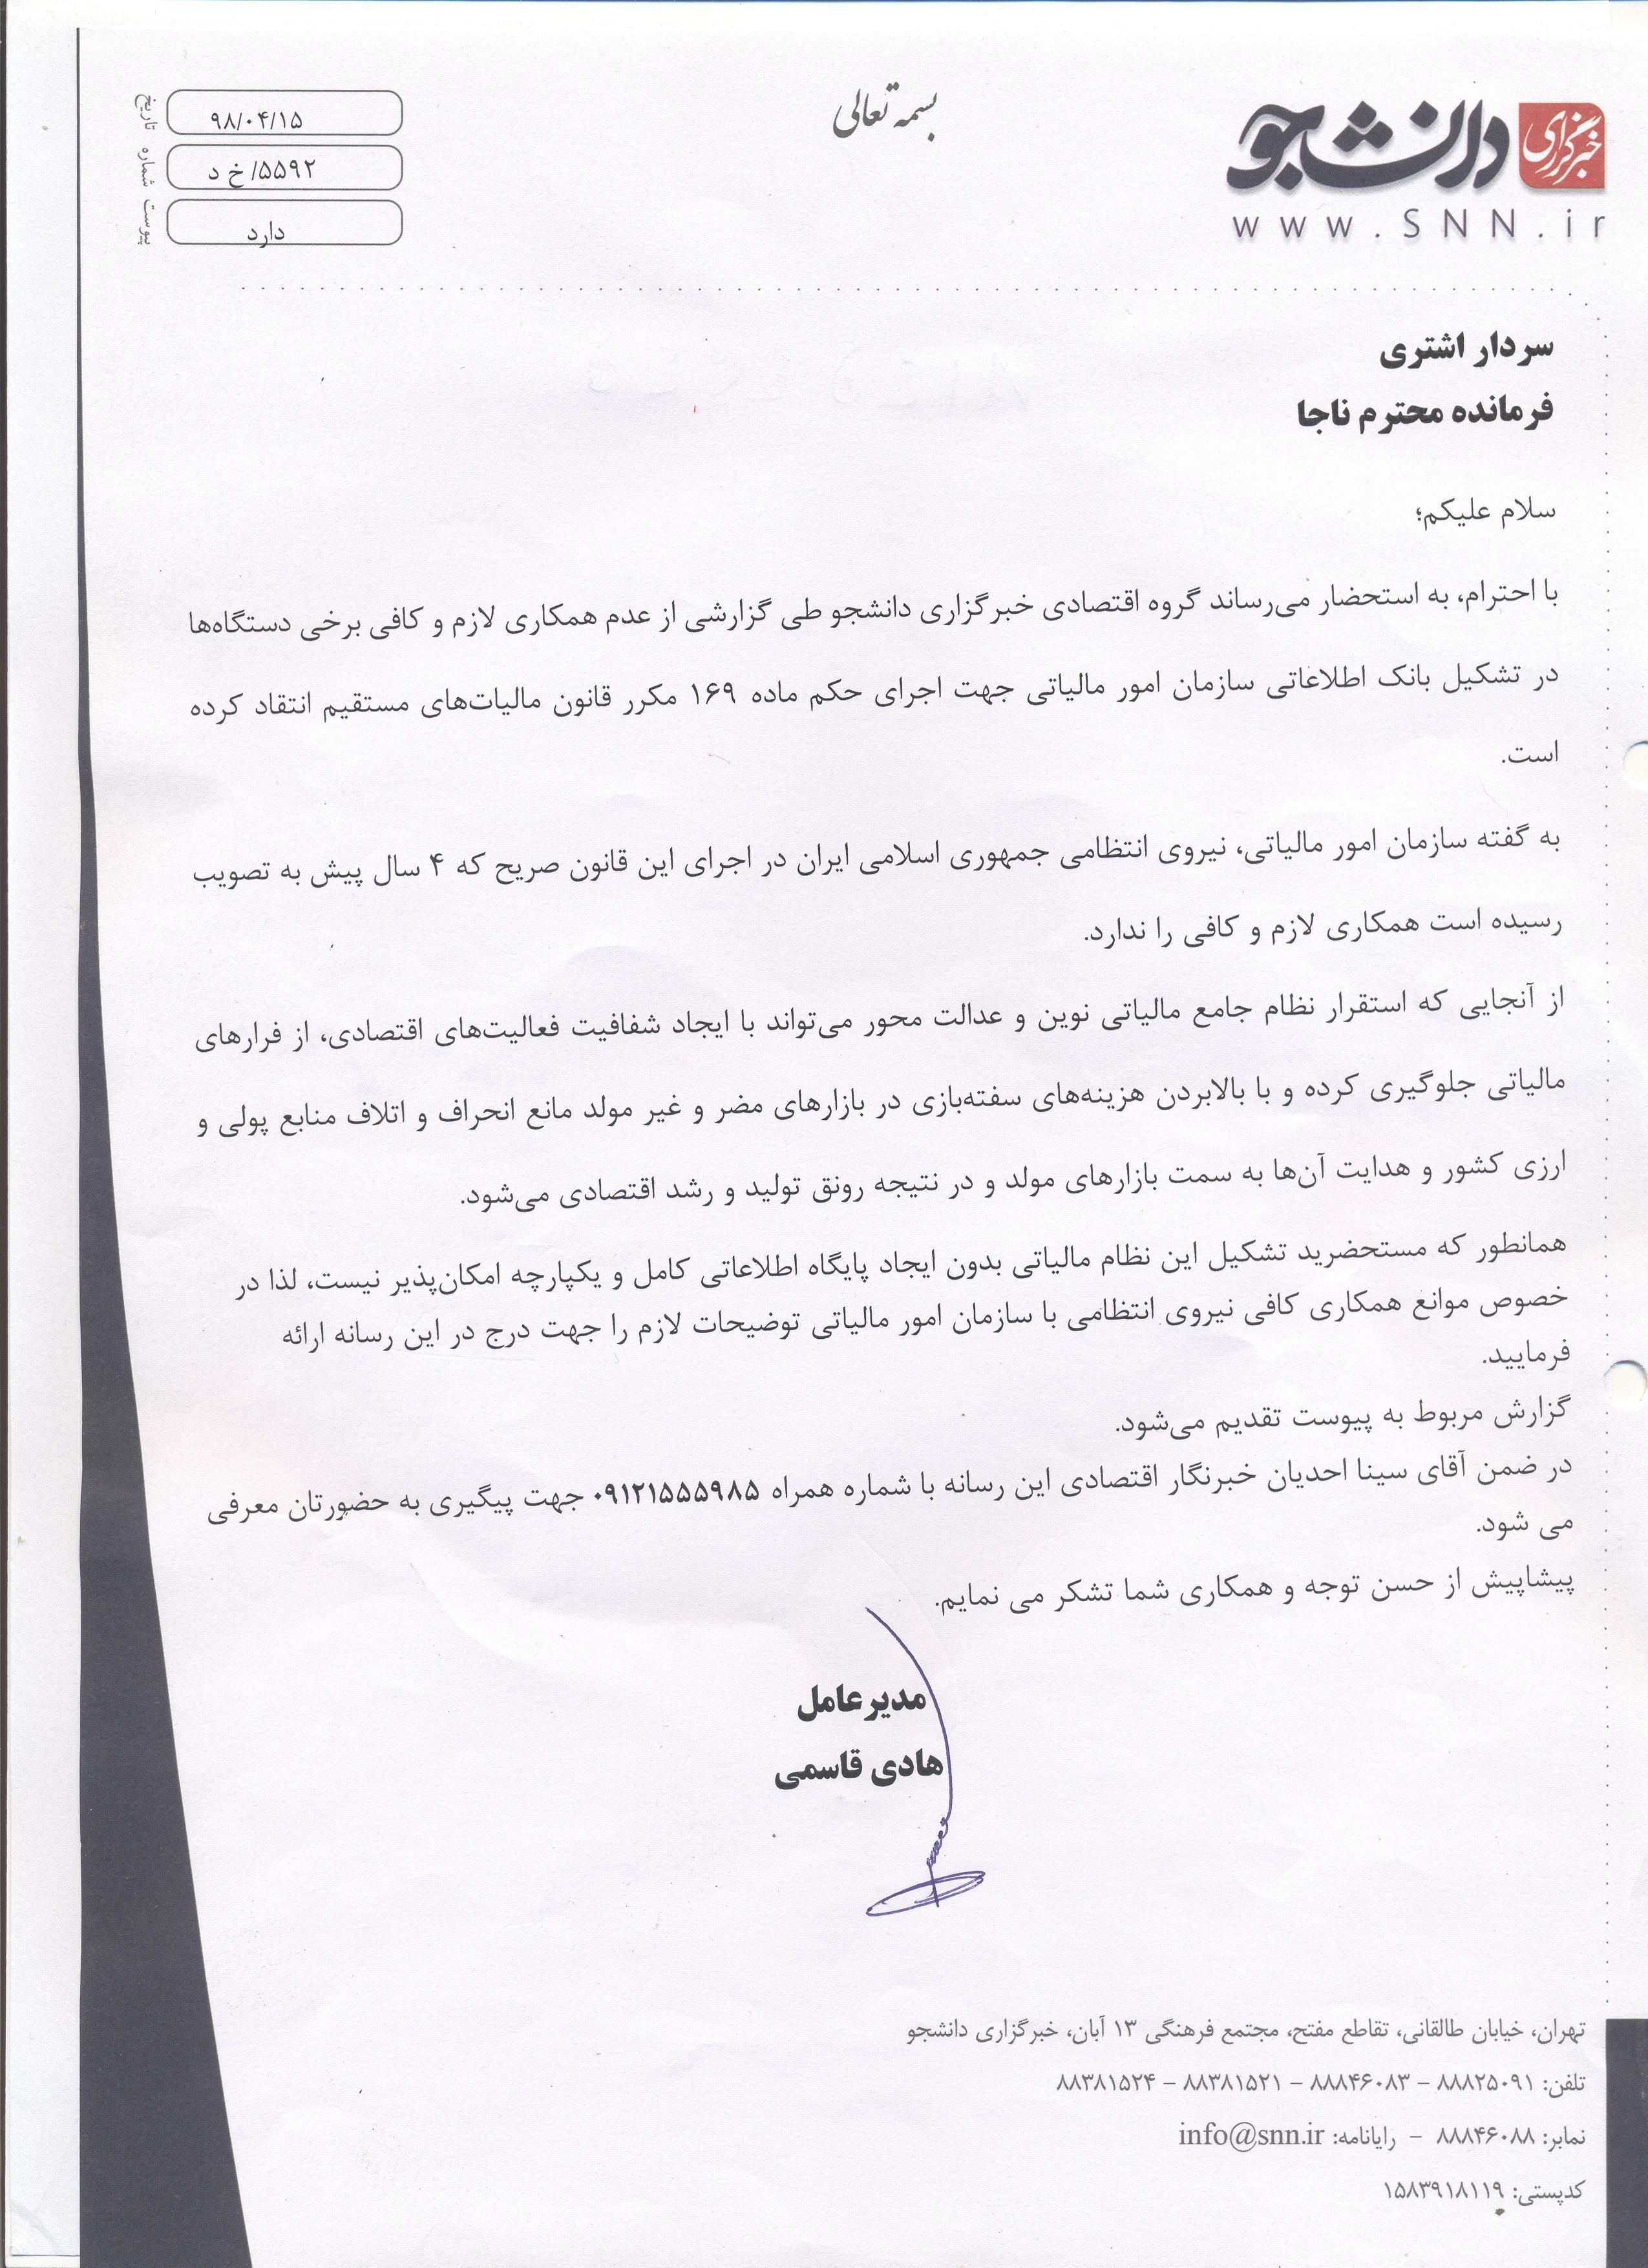 حضرتی: هیچ بهانهای برای عدم همکاری با سازمان امور مالیاتی پذیرفته نیست / خبرگزاری دانشجو خط مقدم مطالبه شفافیت و عدالت اقتصادی